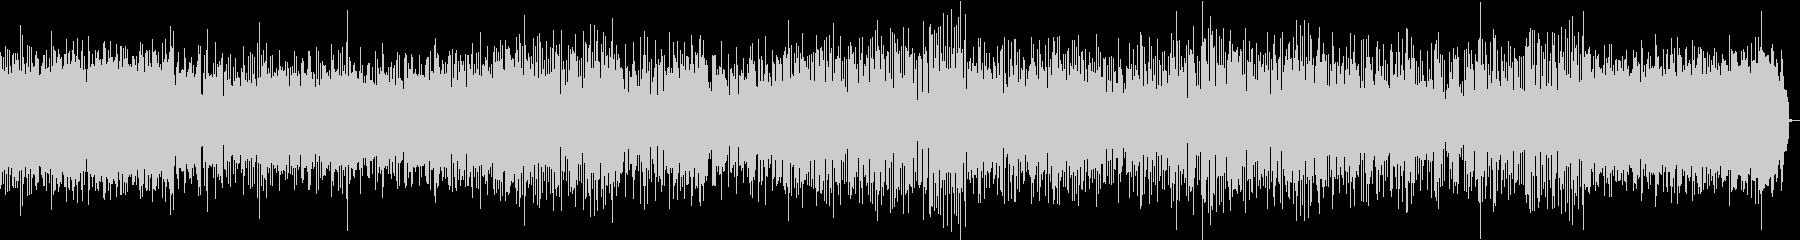 ジャズ・ブルースの定番の未再生の波形